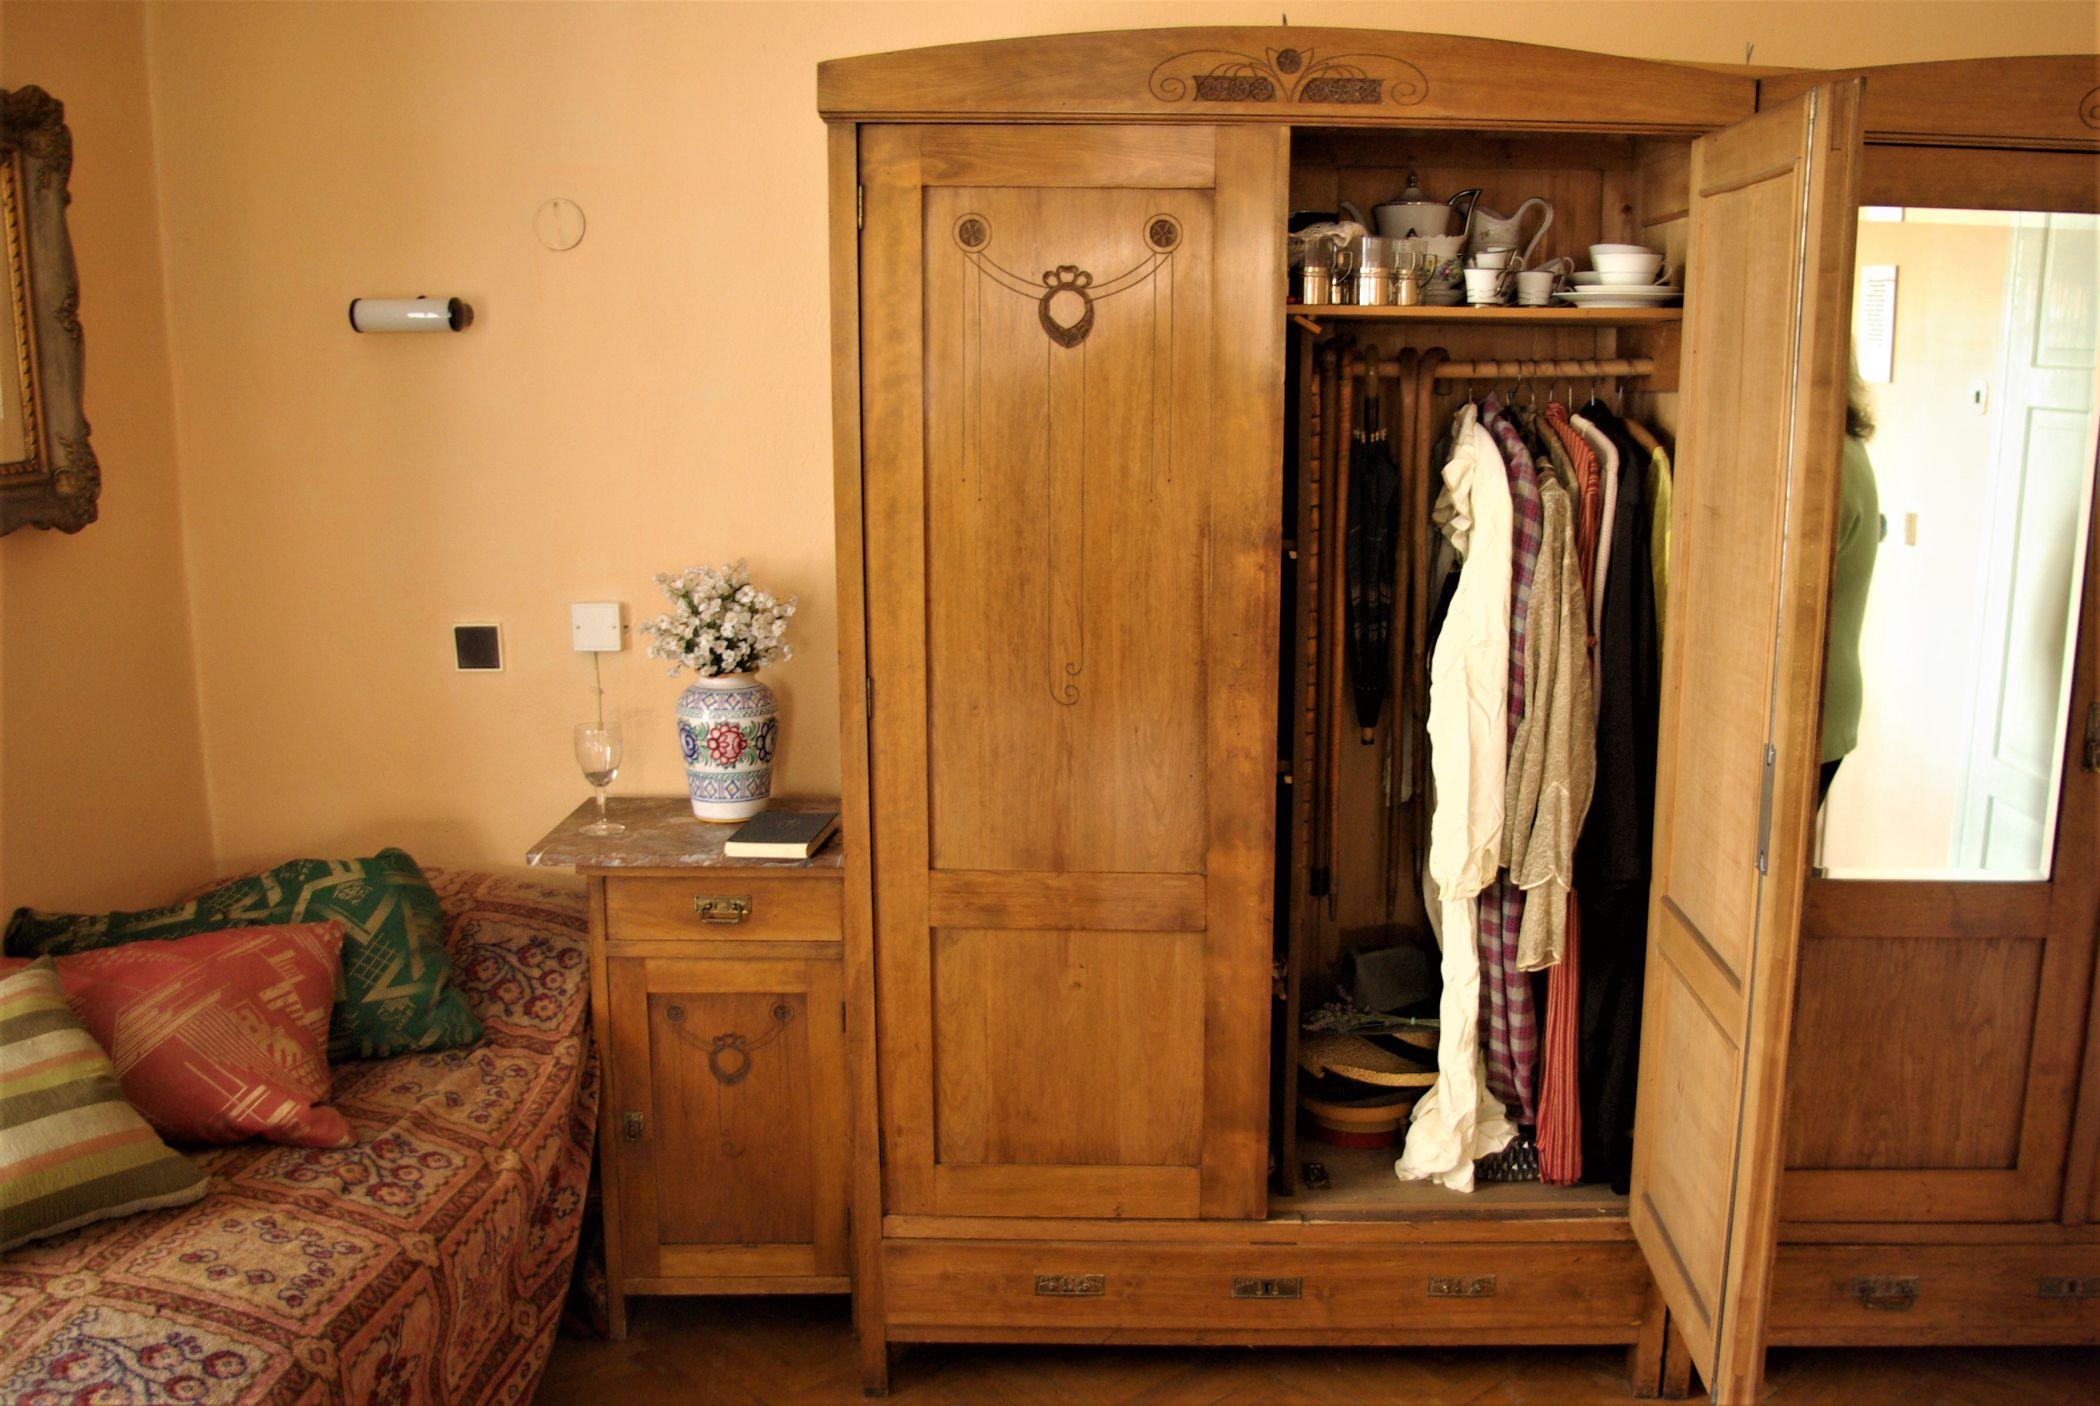 Dobovou atmosféru dokresluje i původní inventář pokojové skříně